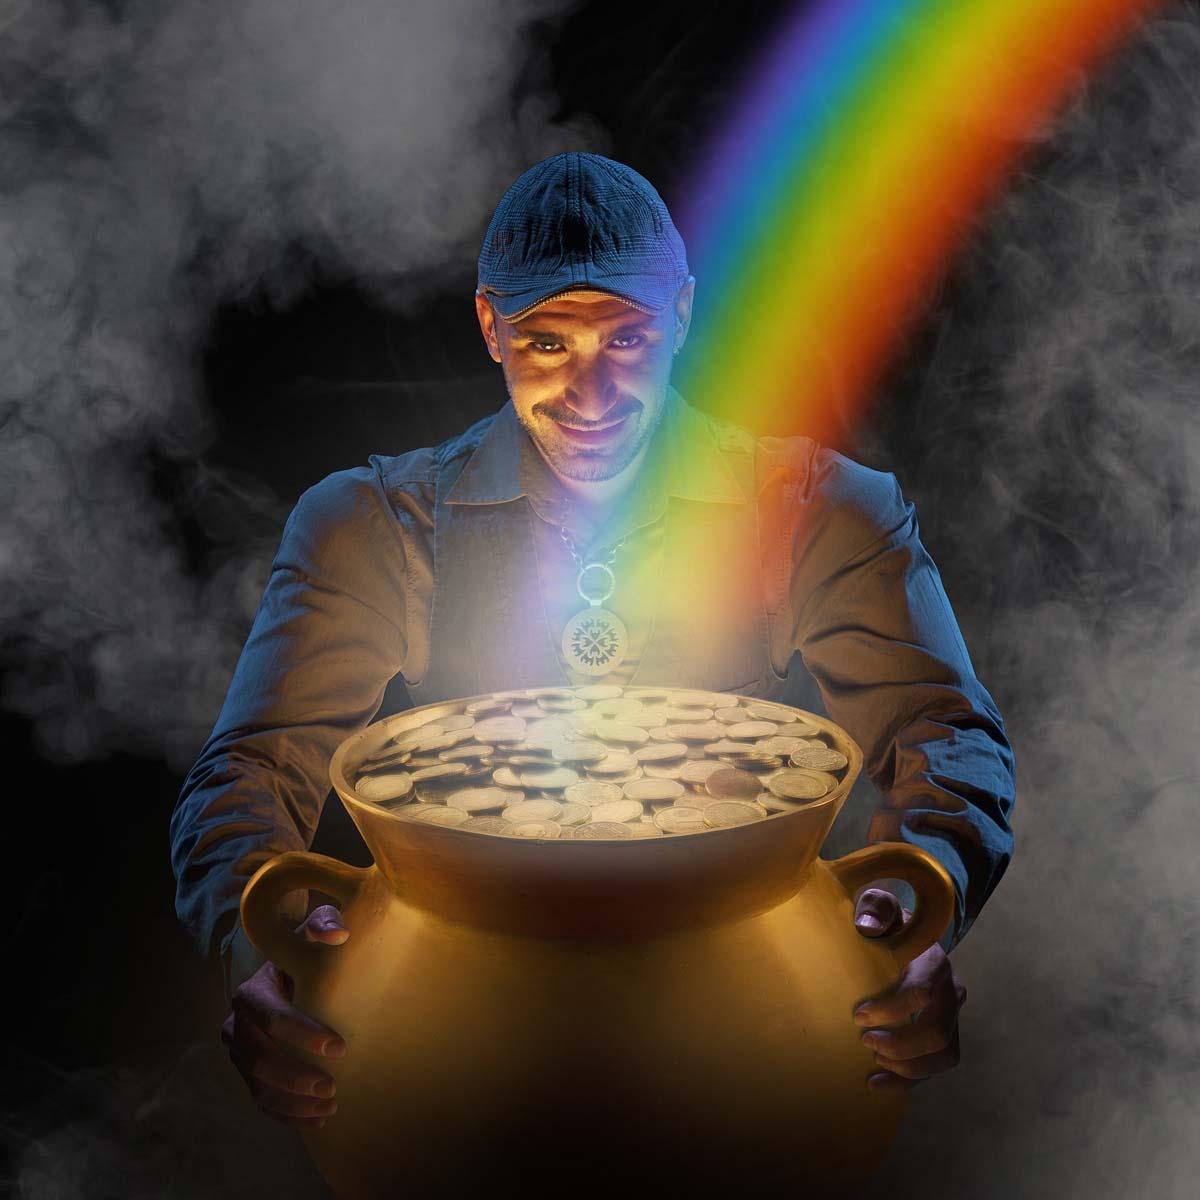 Damian es un Leprechaun en el inicio del arco iris.